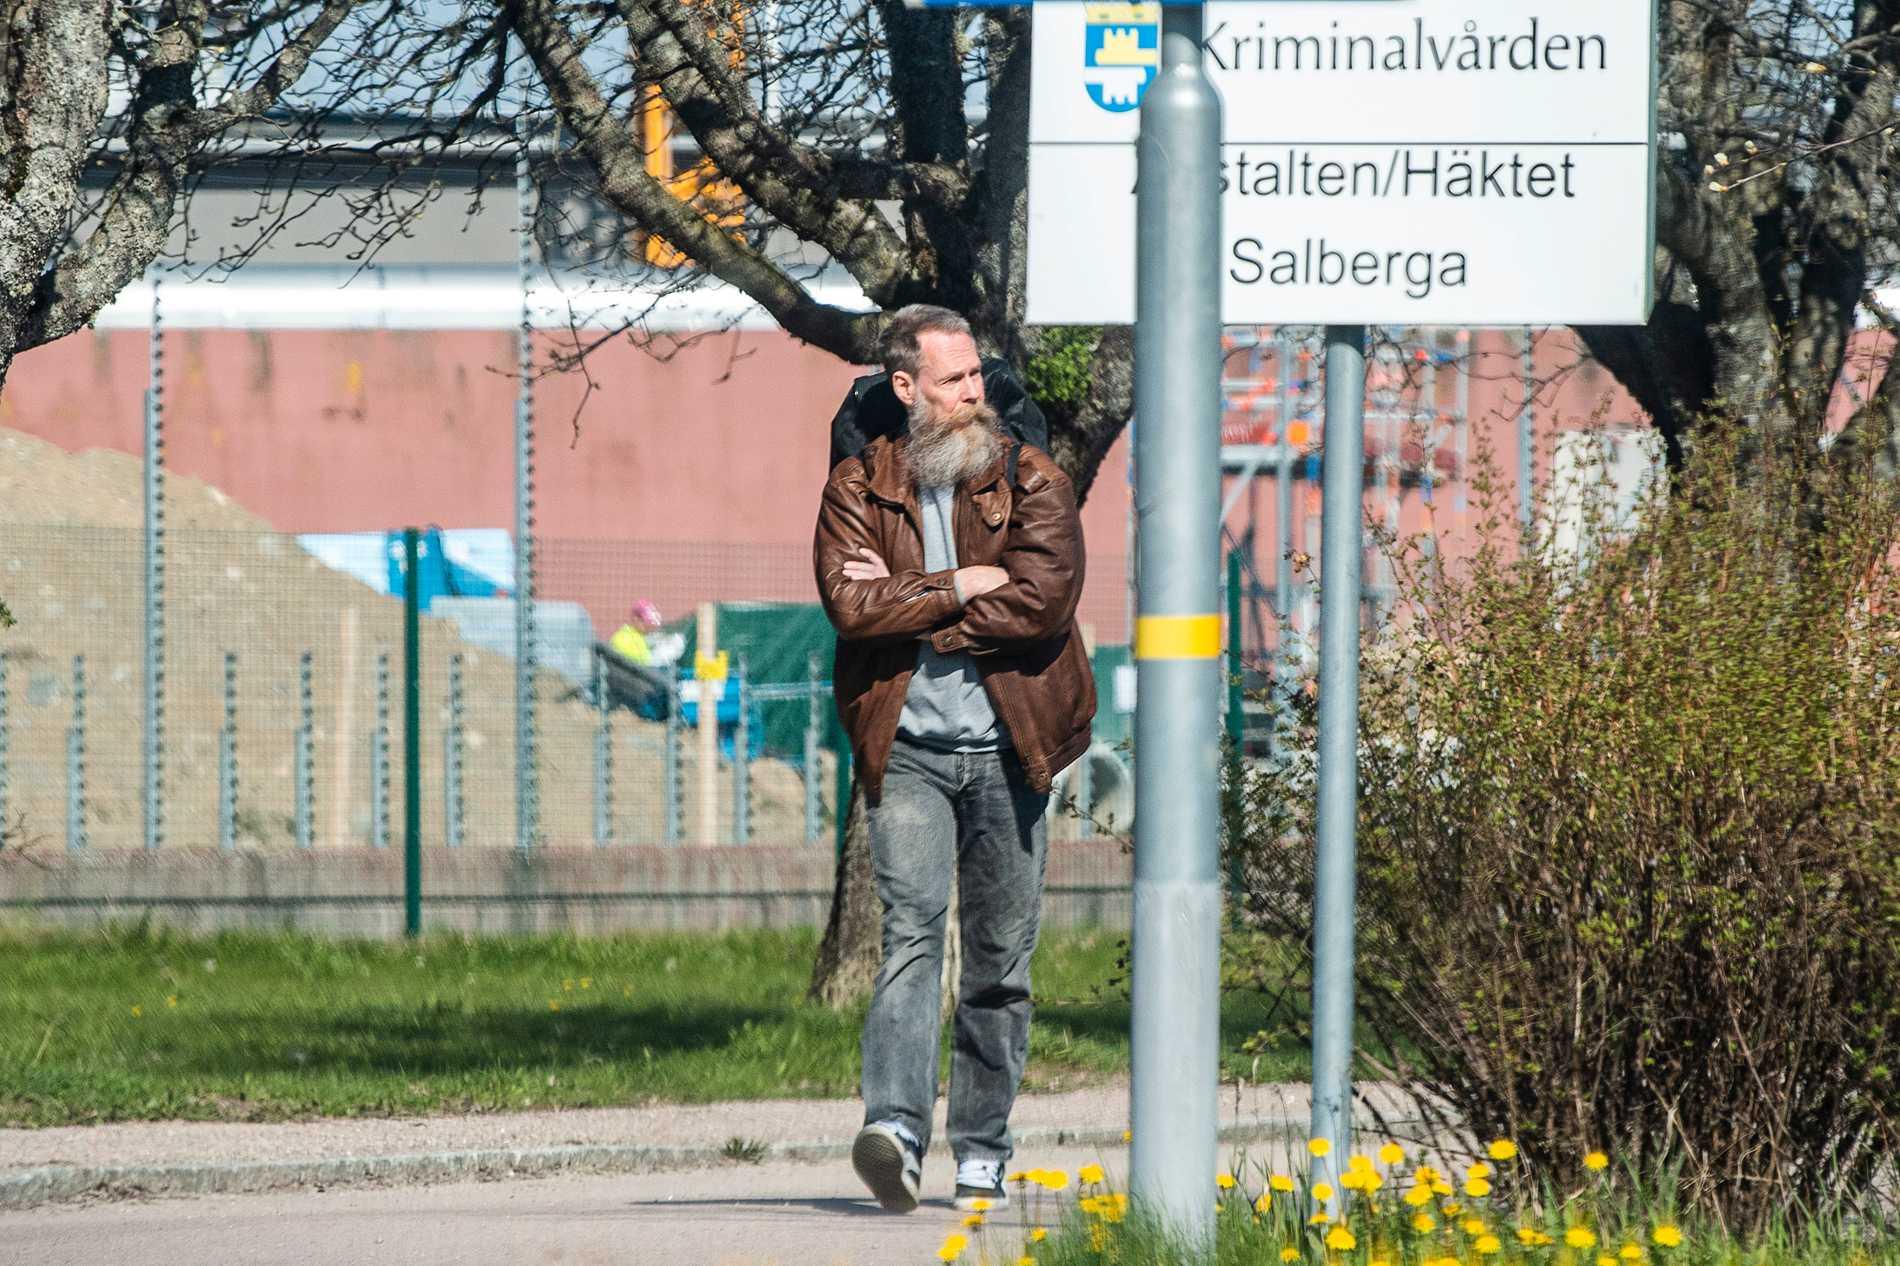 Här lämnar Ulf Borgström, även känd som gryningspyromanen, anstalten Salberga.